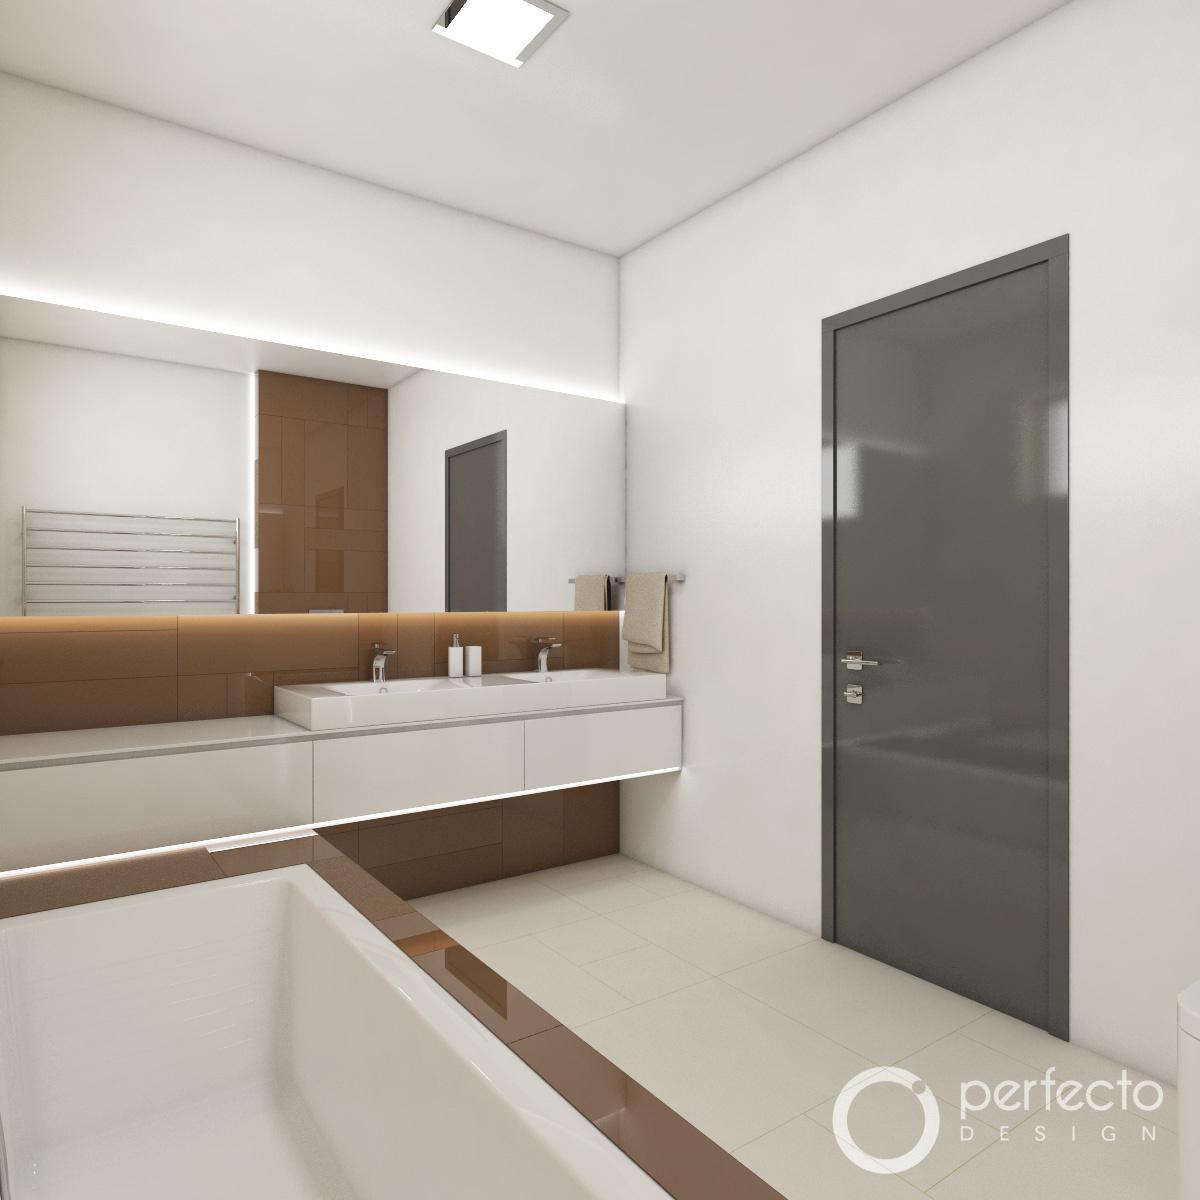 modernes badezimmer latte perfecto design. Black Bedroom Furniture Sets. Home Design Ideas